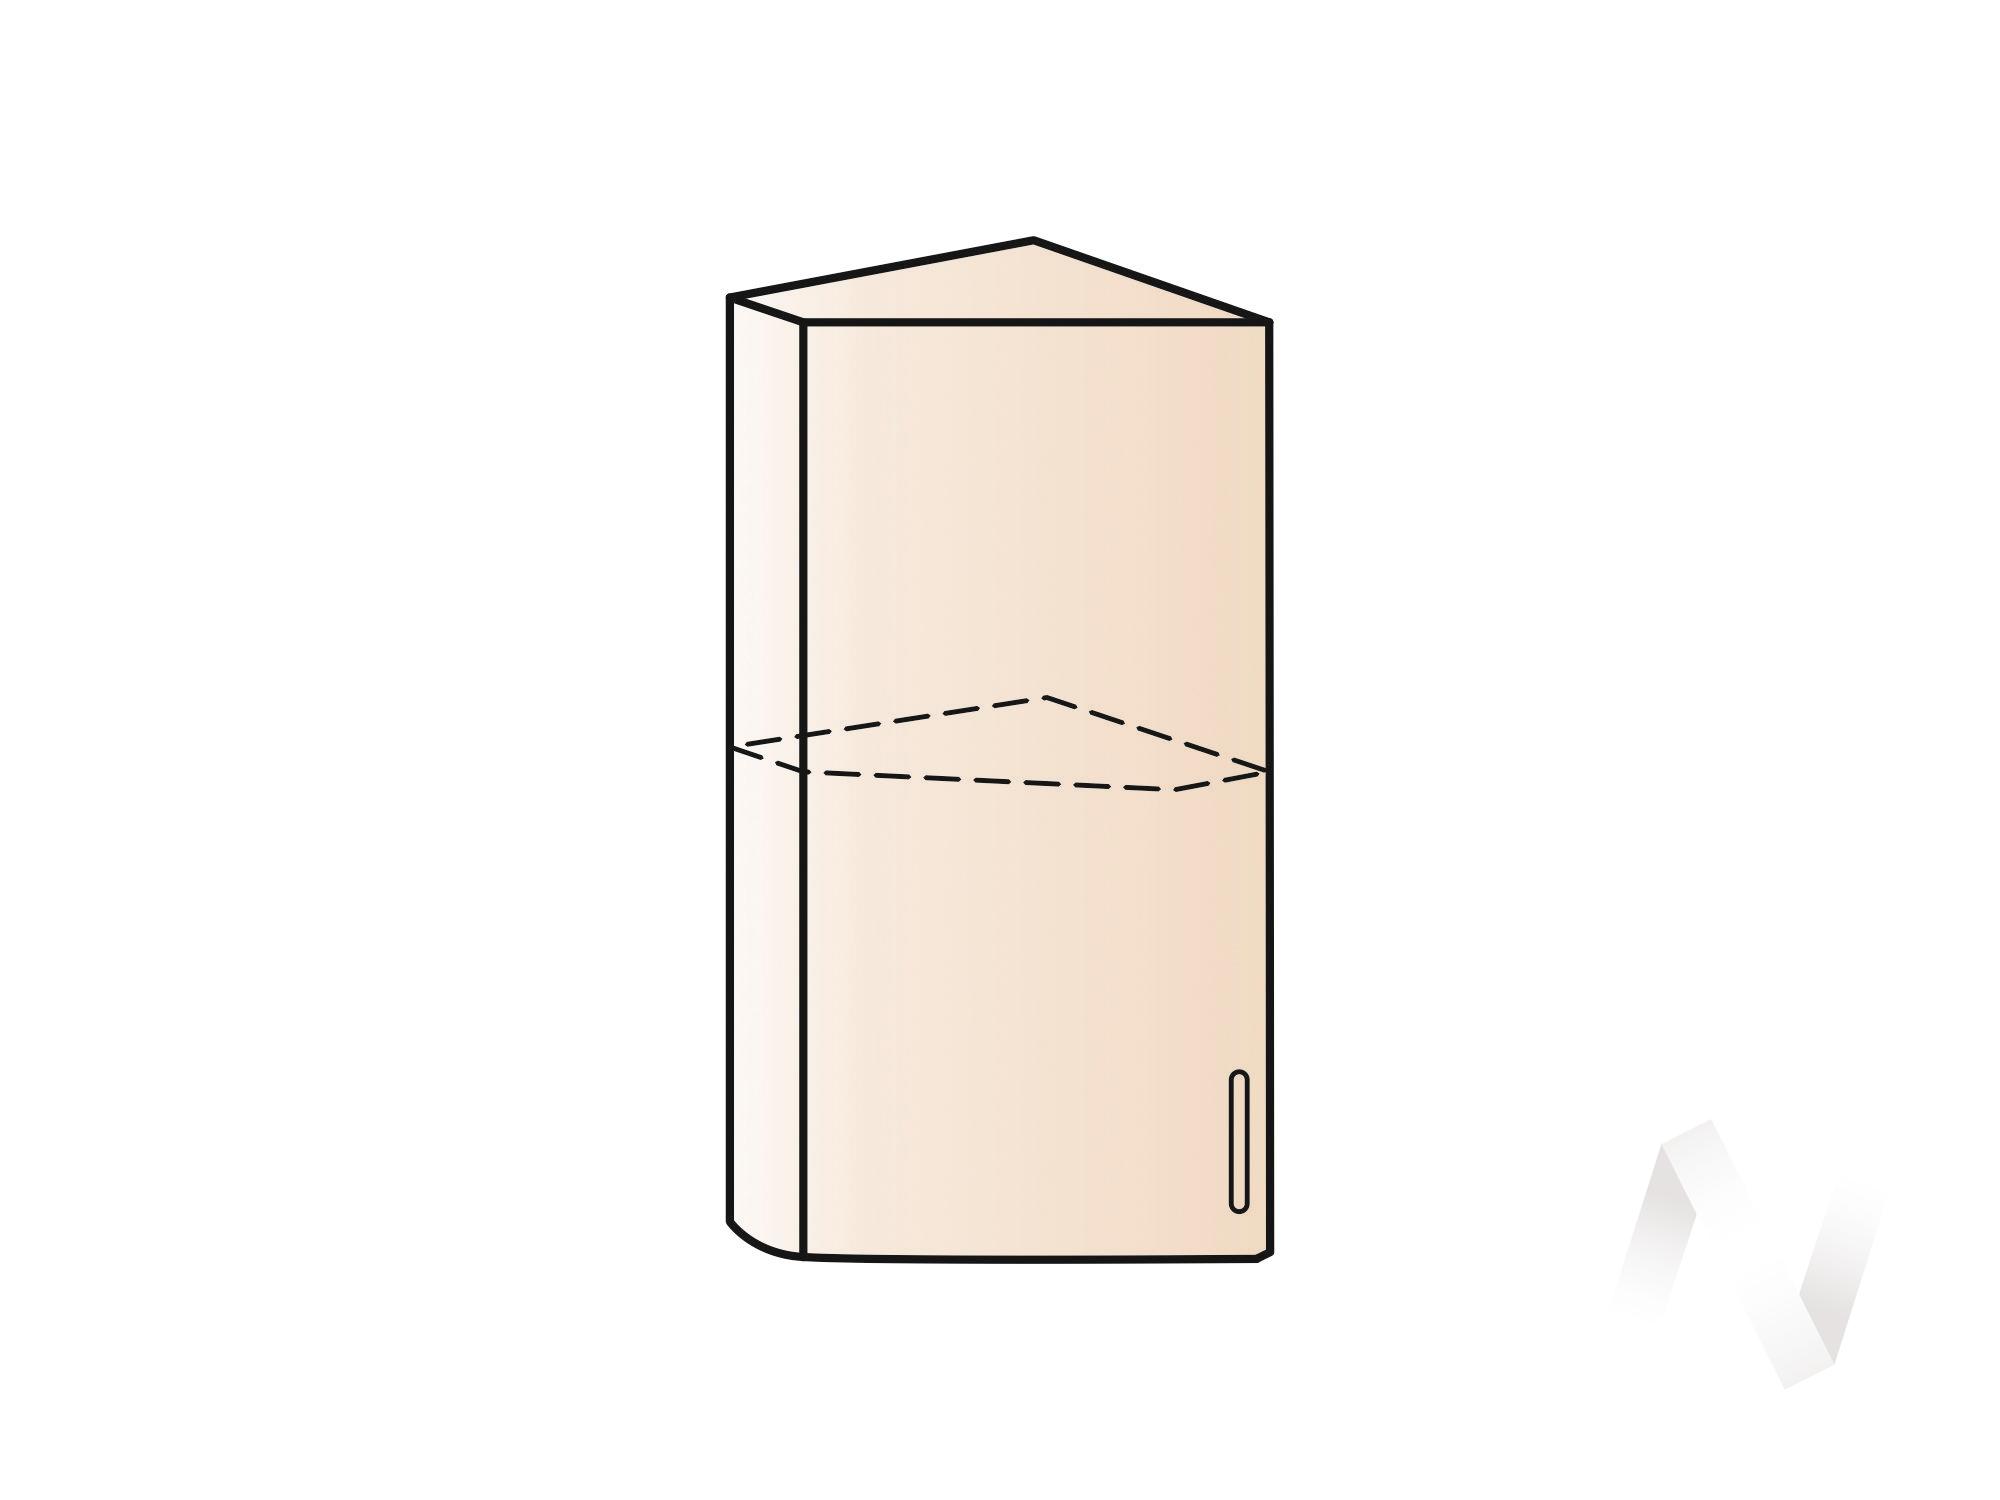 """Кухня """"Вена"""": Шкаф верхний торцевой 224, ШВТ 224 (корпус венге)  в Томске — интернет магазин МИРА-мебель"""